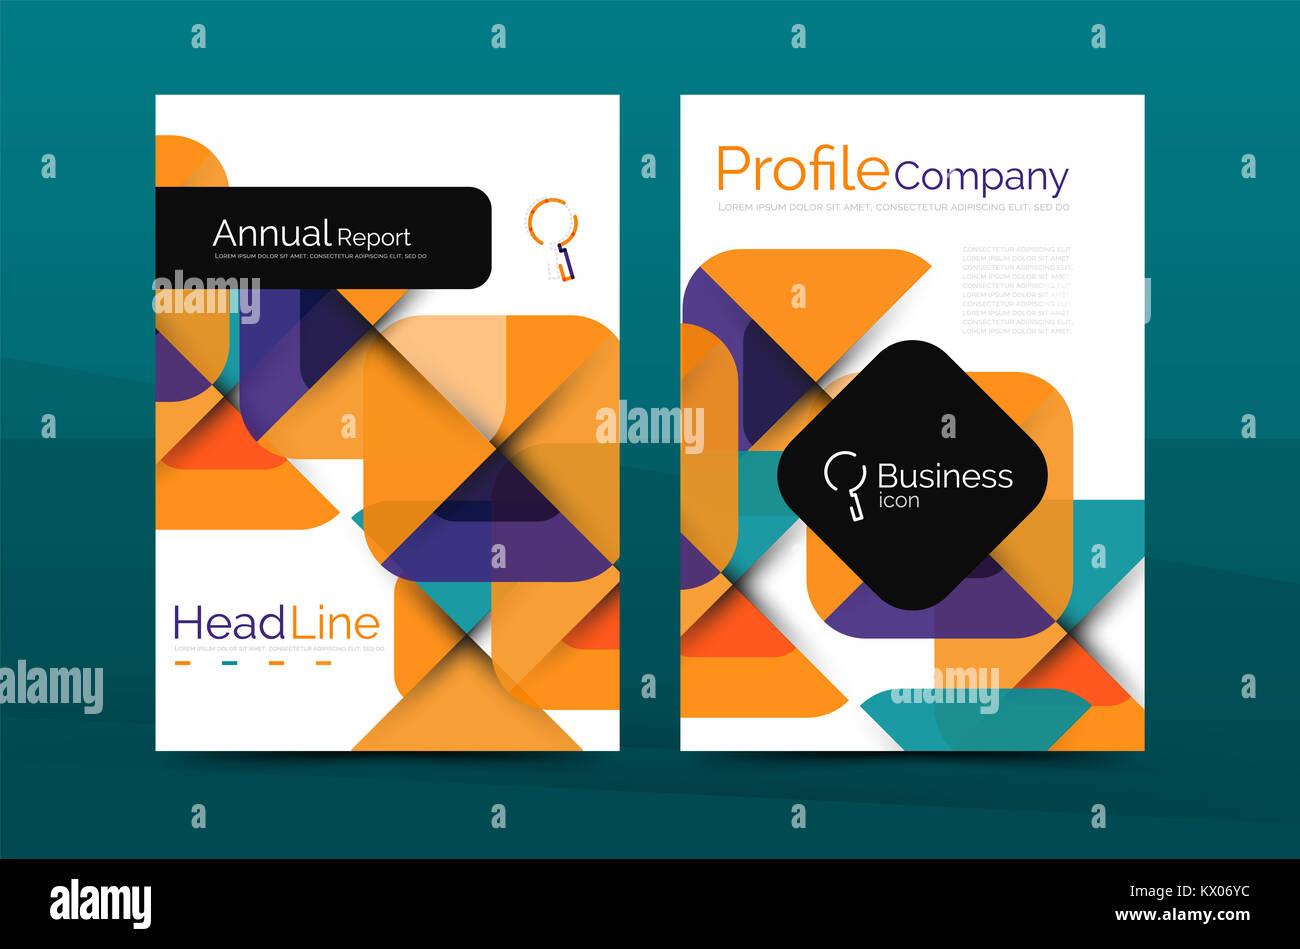 Company Profile Template Cover Design Stockfotos & Company Profile ...